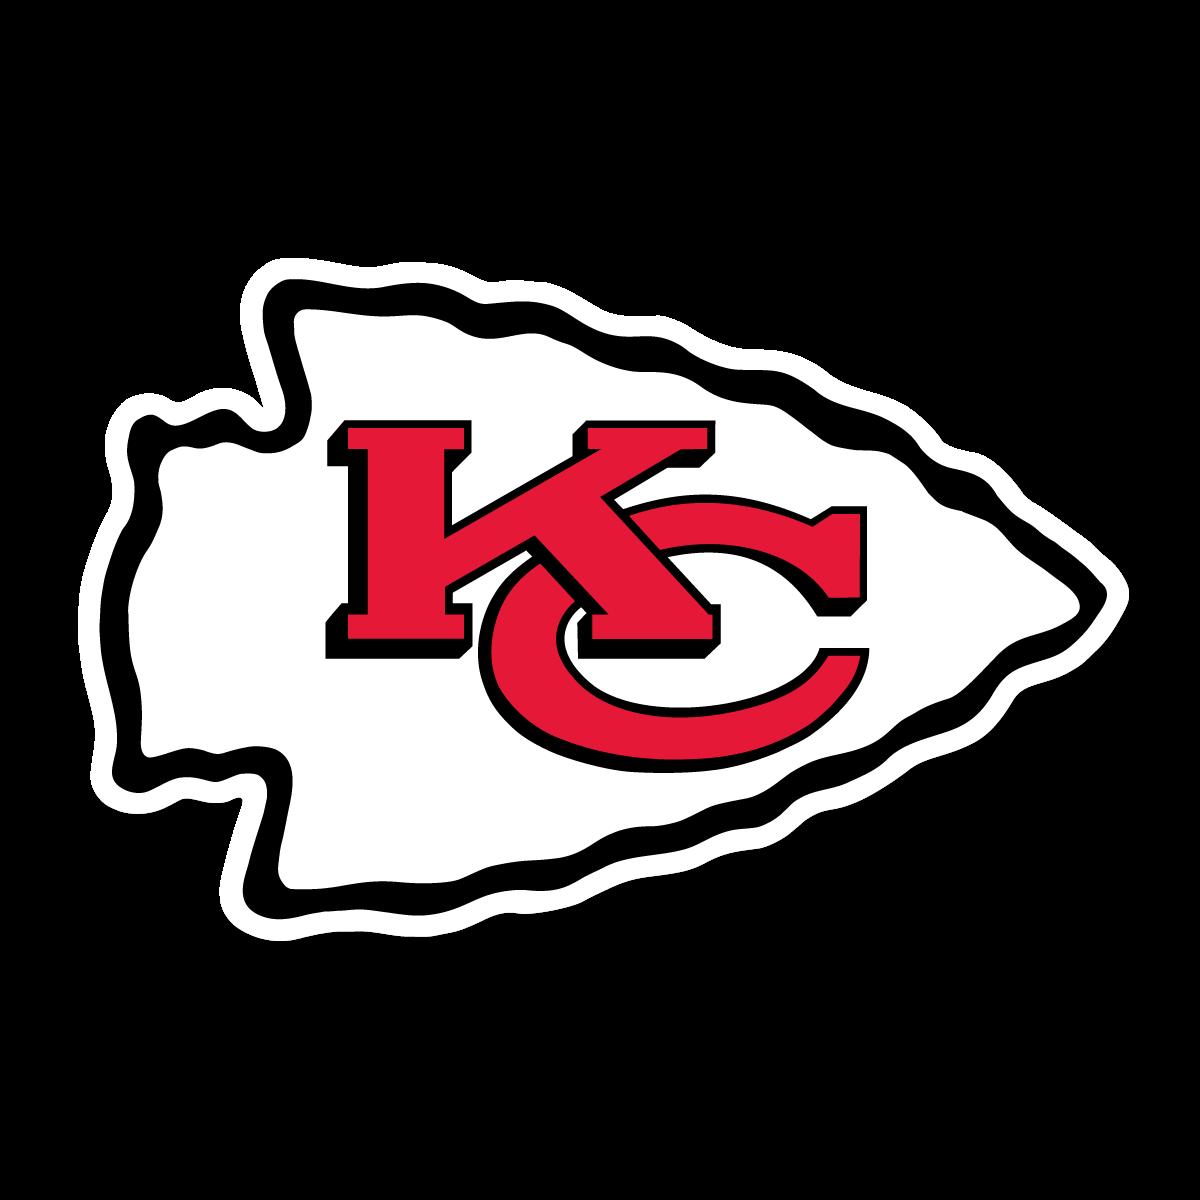 Redskins Helmet 2014 Buster's Blog